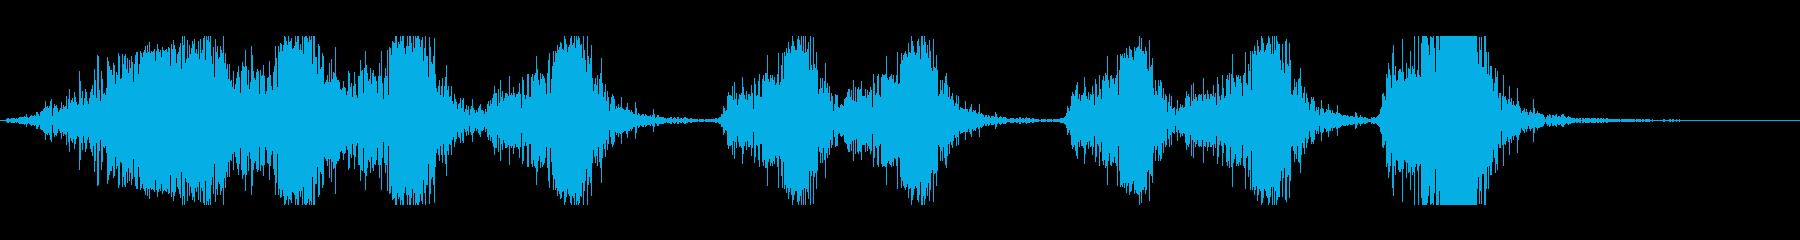 複数矢印矢印、ウッドインパクト、ス...の再生済みの波形